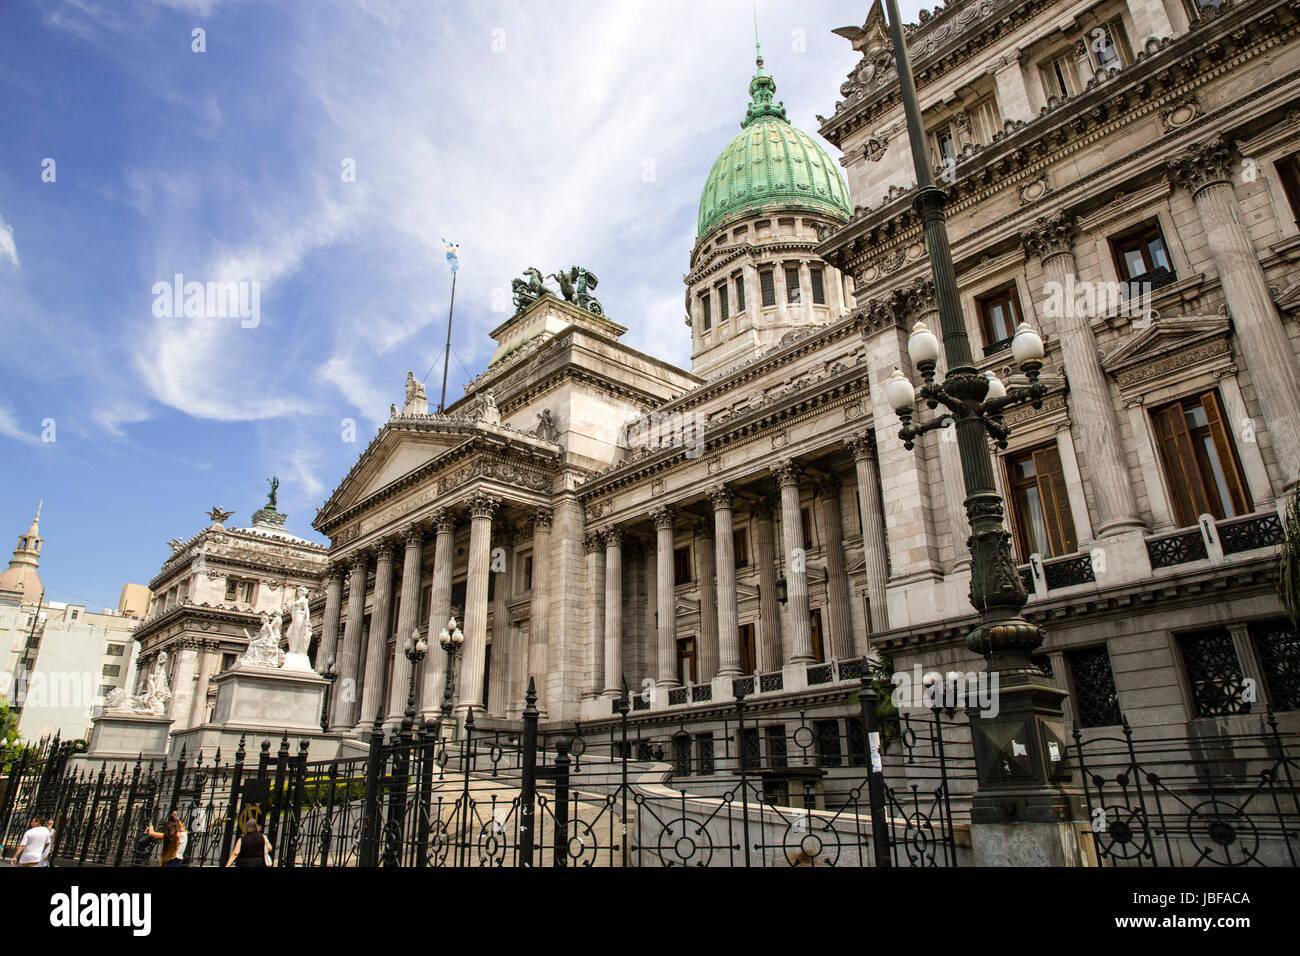 Congreso Nacional a Buenos Aires, Argentina Immagini Stock